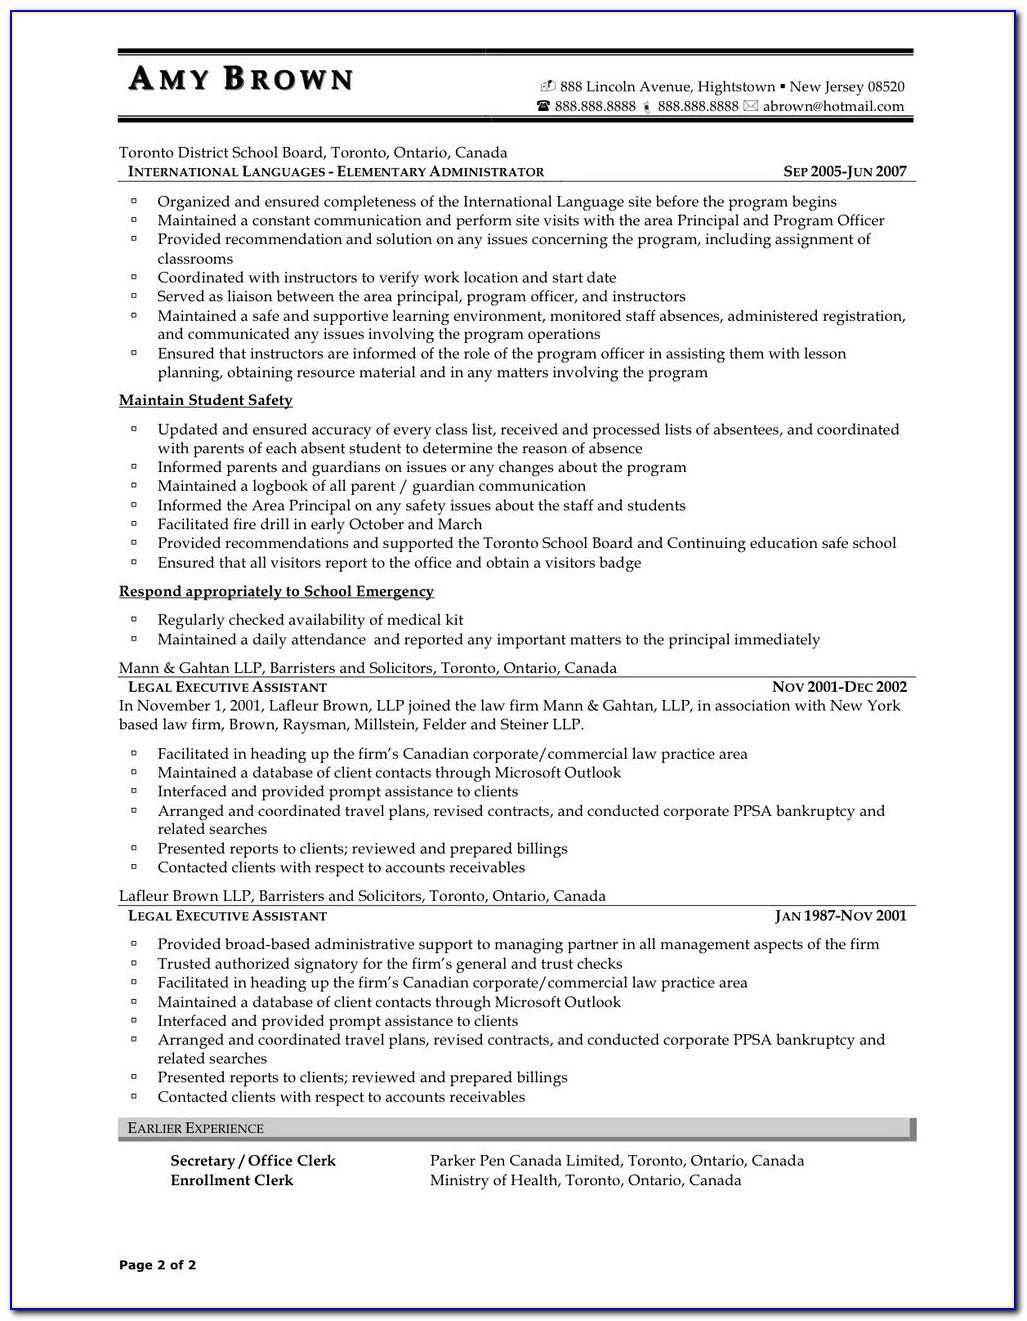 Best Resume Programs For Mac